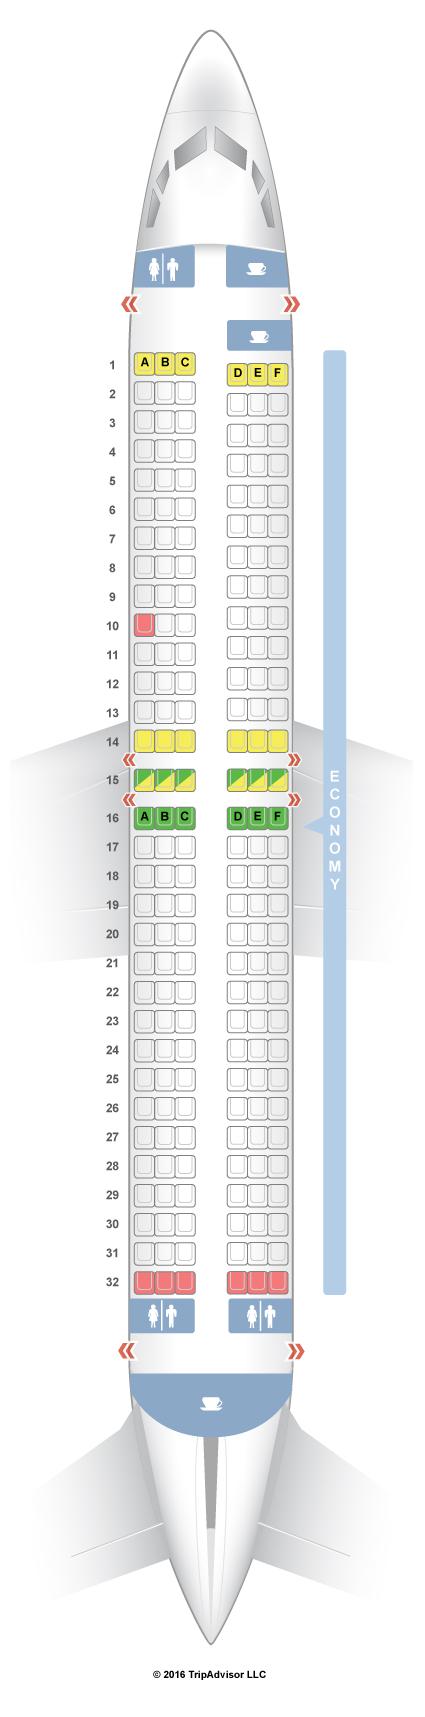 SeatGuru Seat Map Air India Express Boeing 737-800 (738)